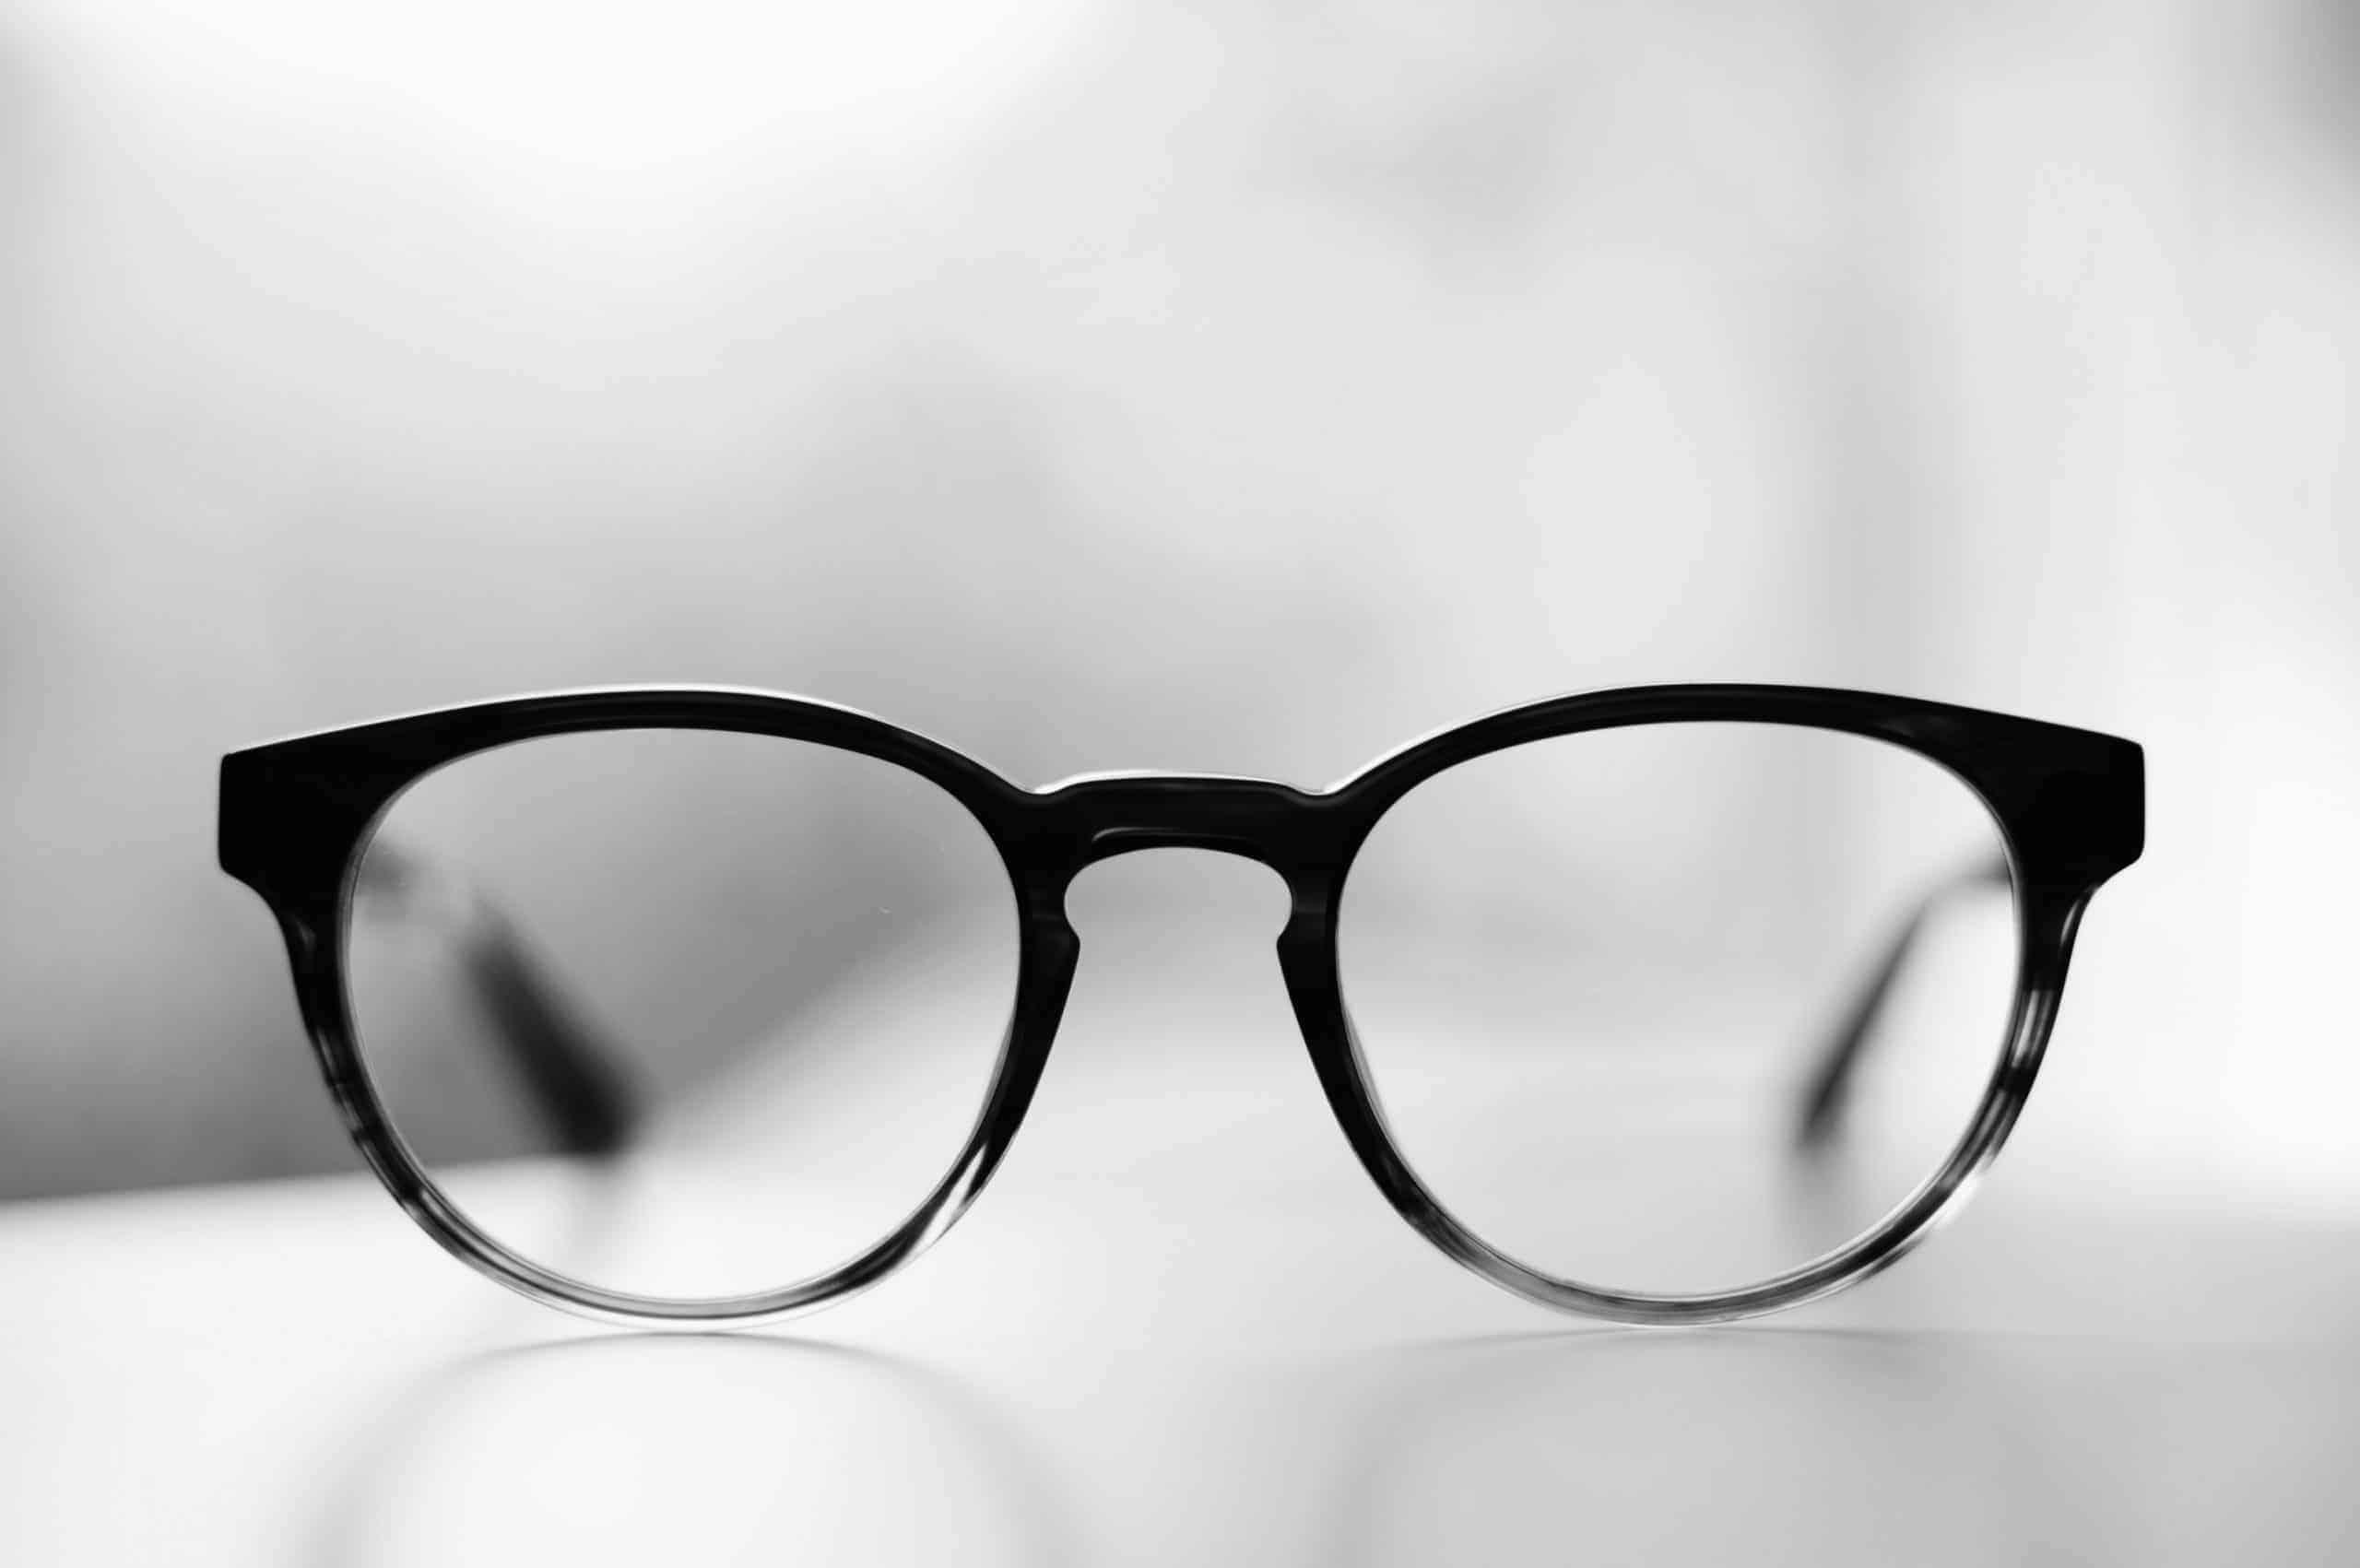 Größter Optiker in Deutschland: Fielmann AG